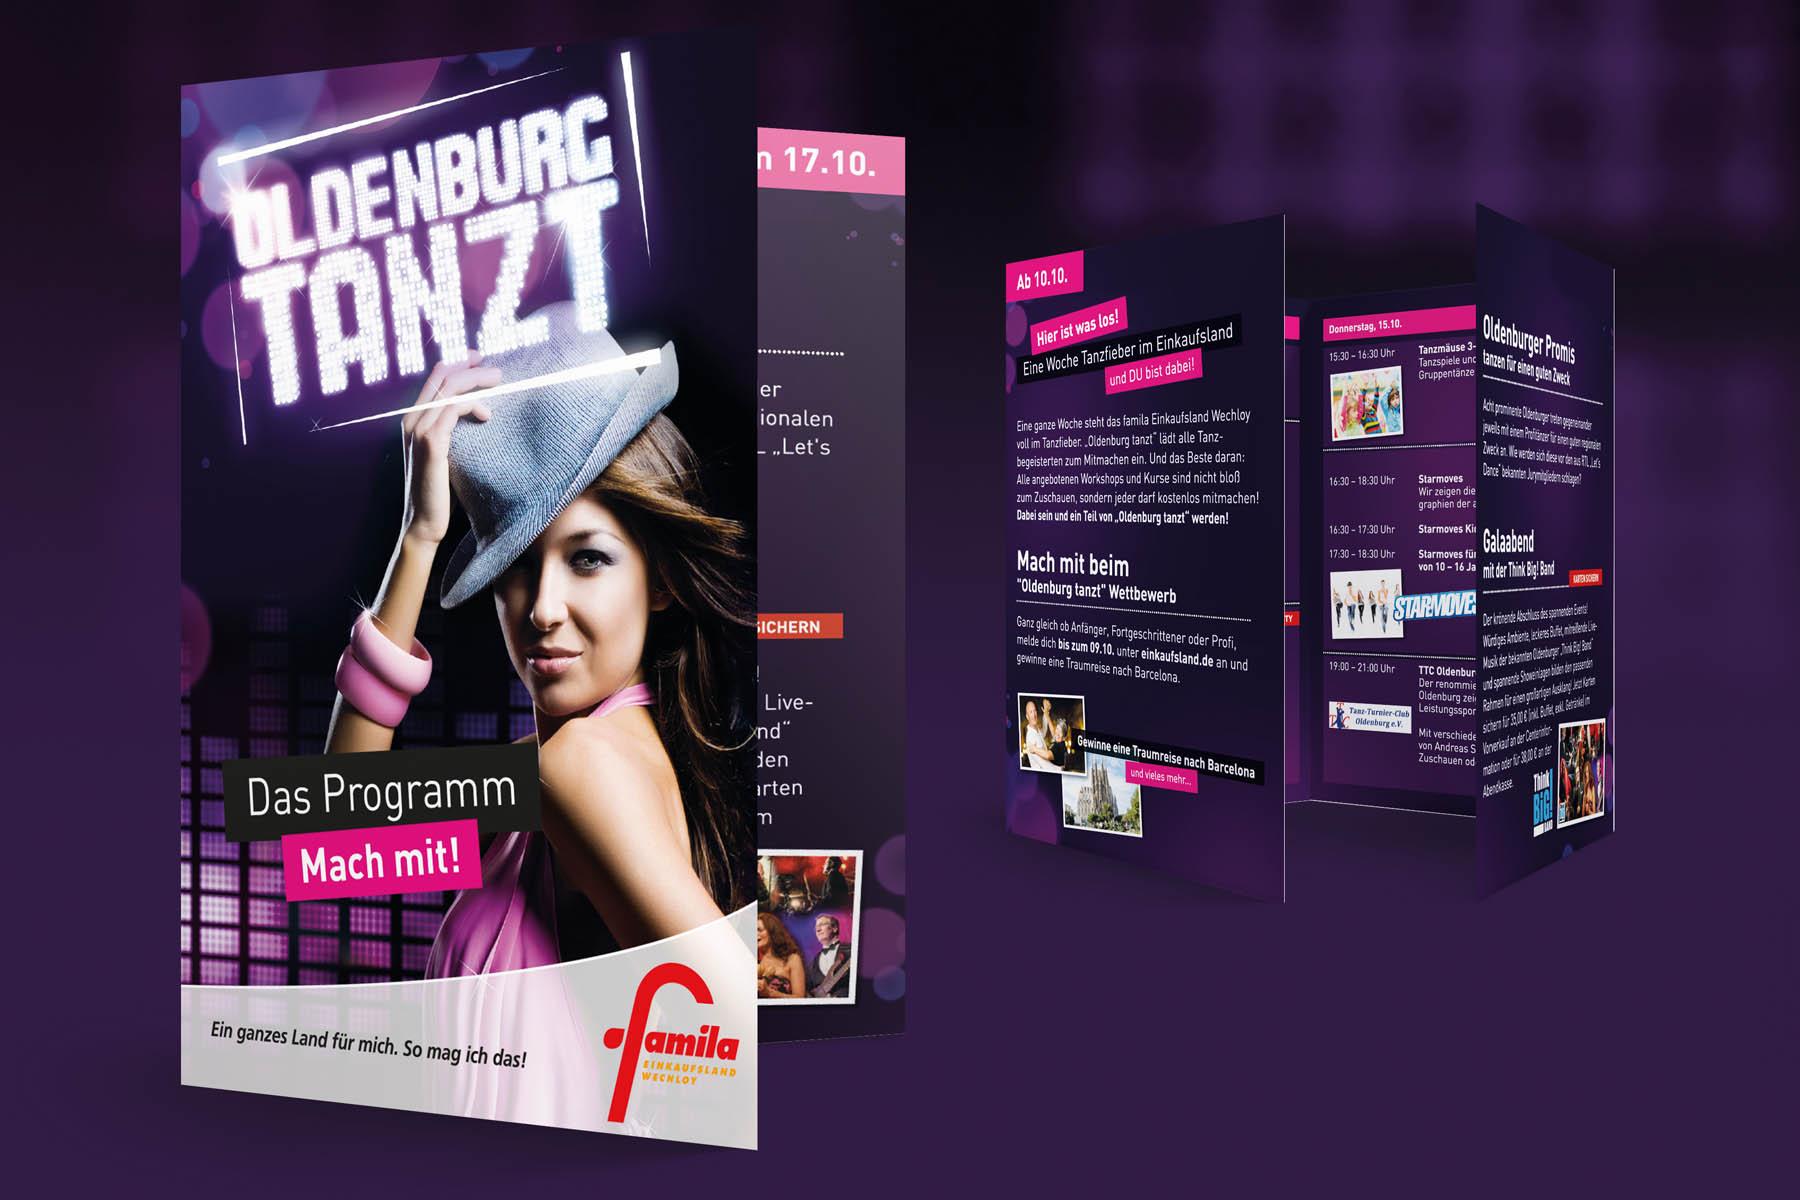 eh_referenzen_fam_1 Projekt - Oldenburg tanzt